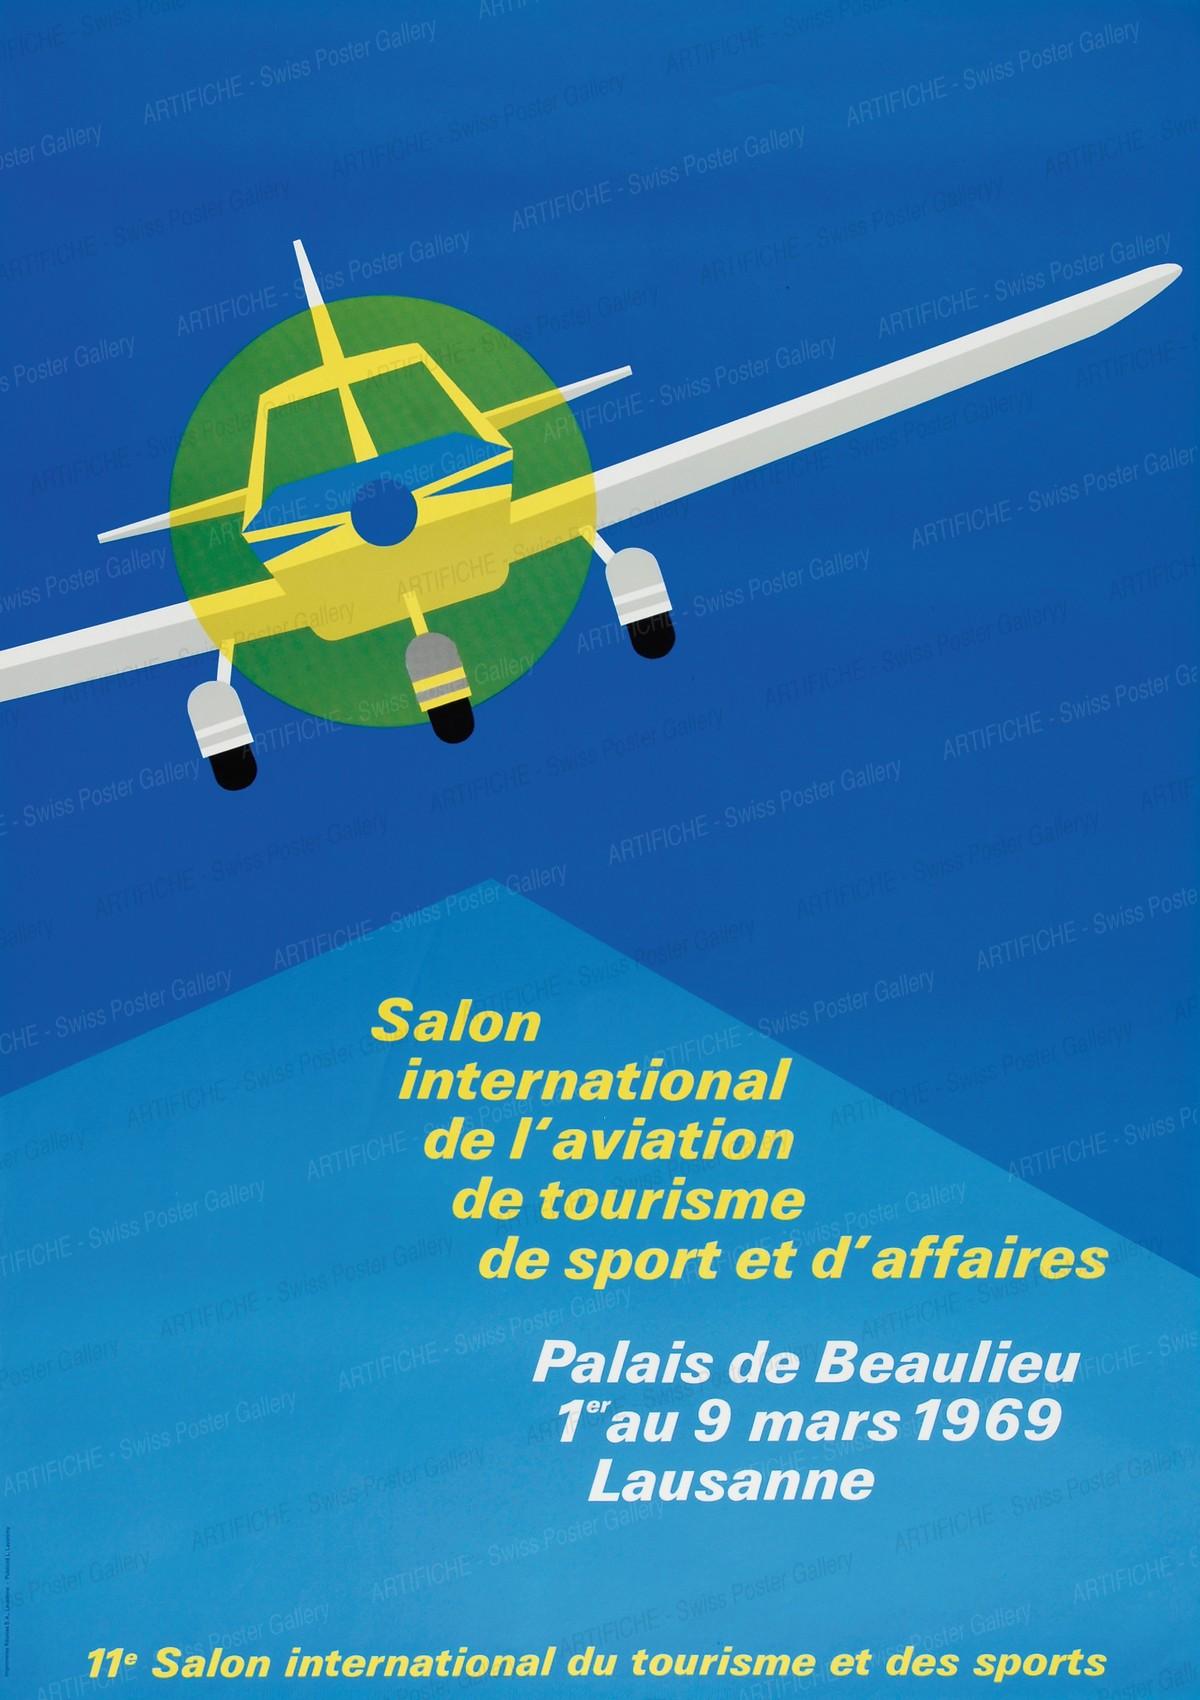 Salon international de l'aviation, de tourisme, de sport et d'affaires – Plaias de Beaulieu 1969 Lausanne, L. Lavanchi